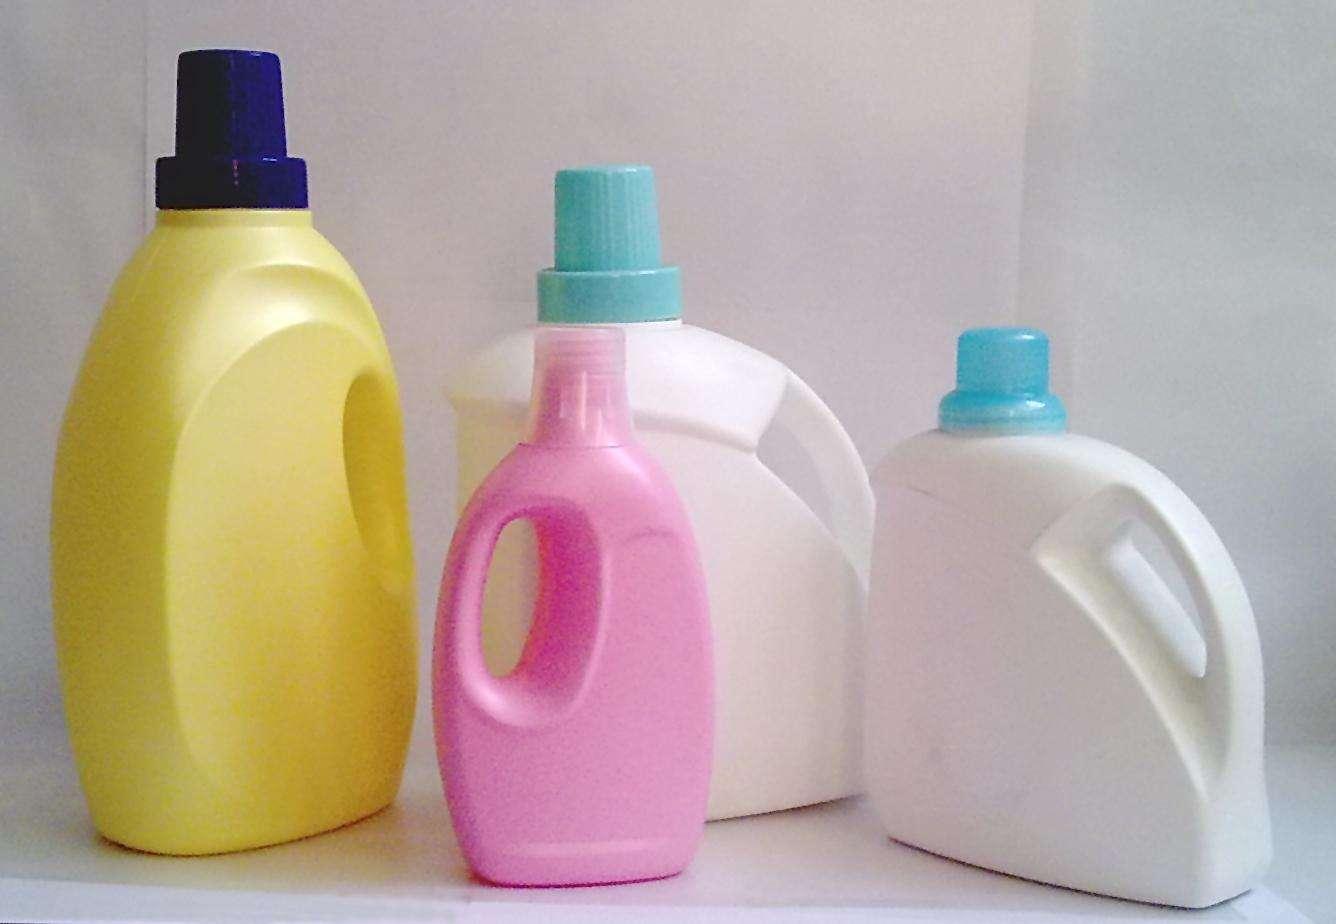 家里洗衣服用的洗衣液瓶子